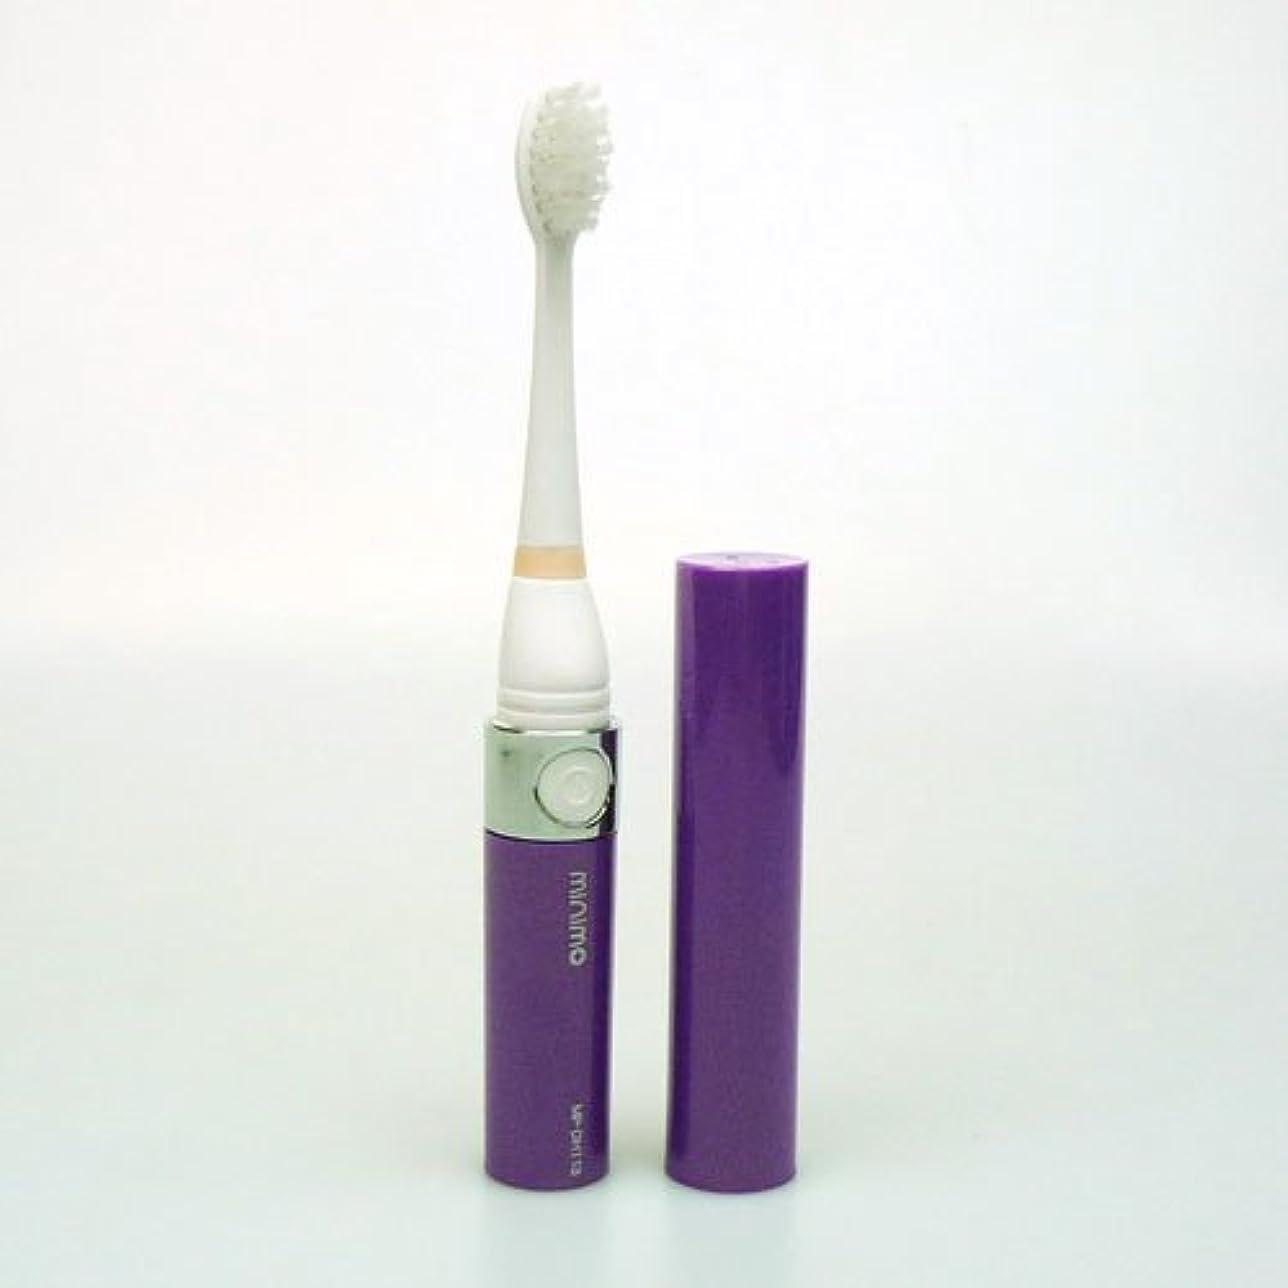 ボードプロペラアパートmaruman 音波振動歯ブラシ minimo パープル MP-DH118PU